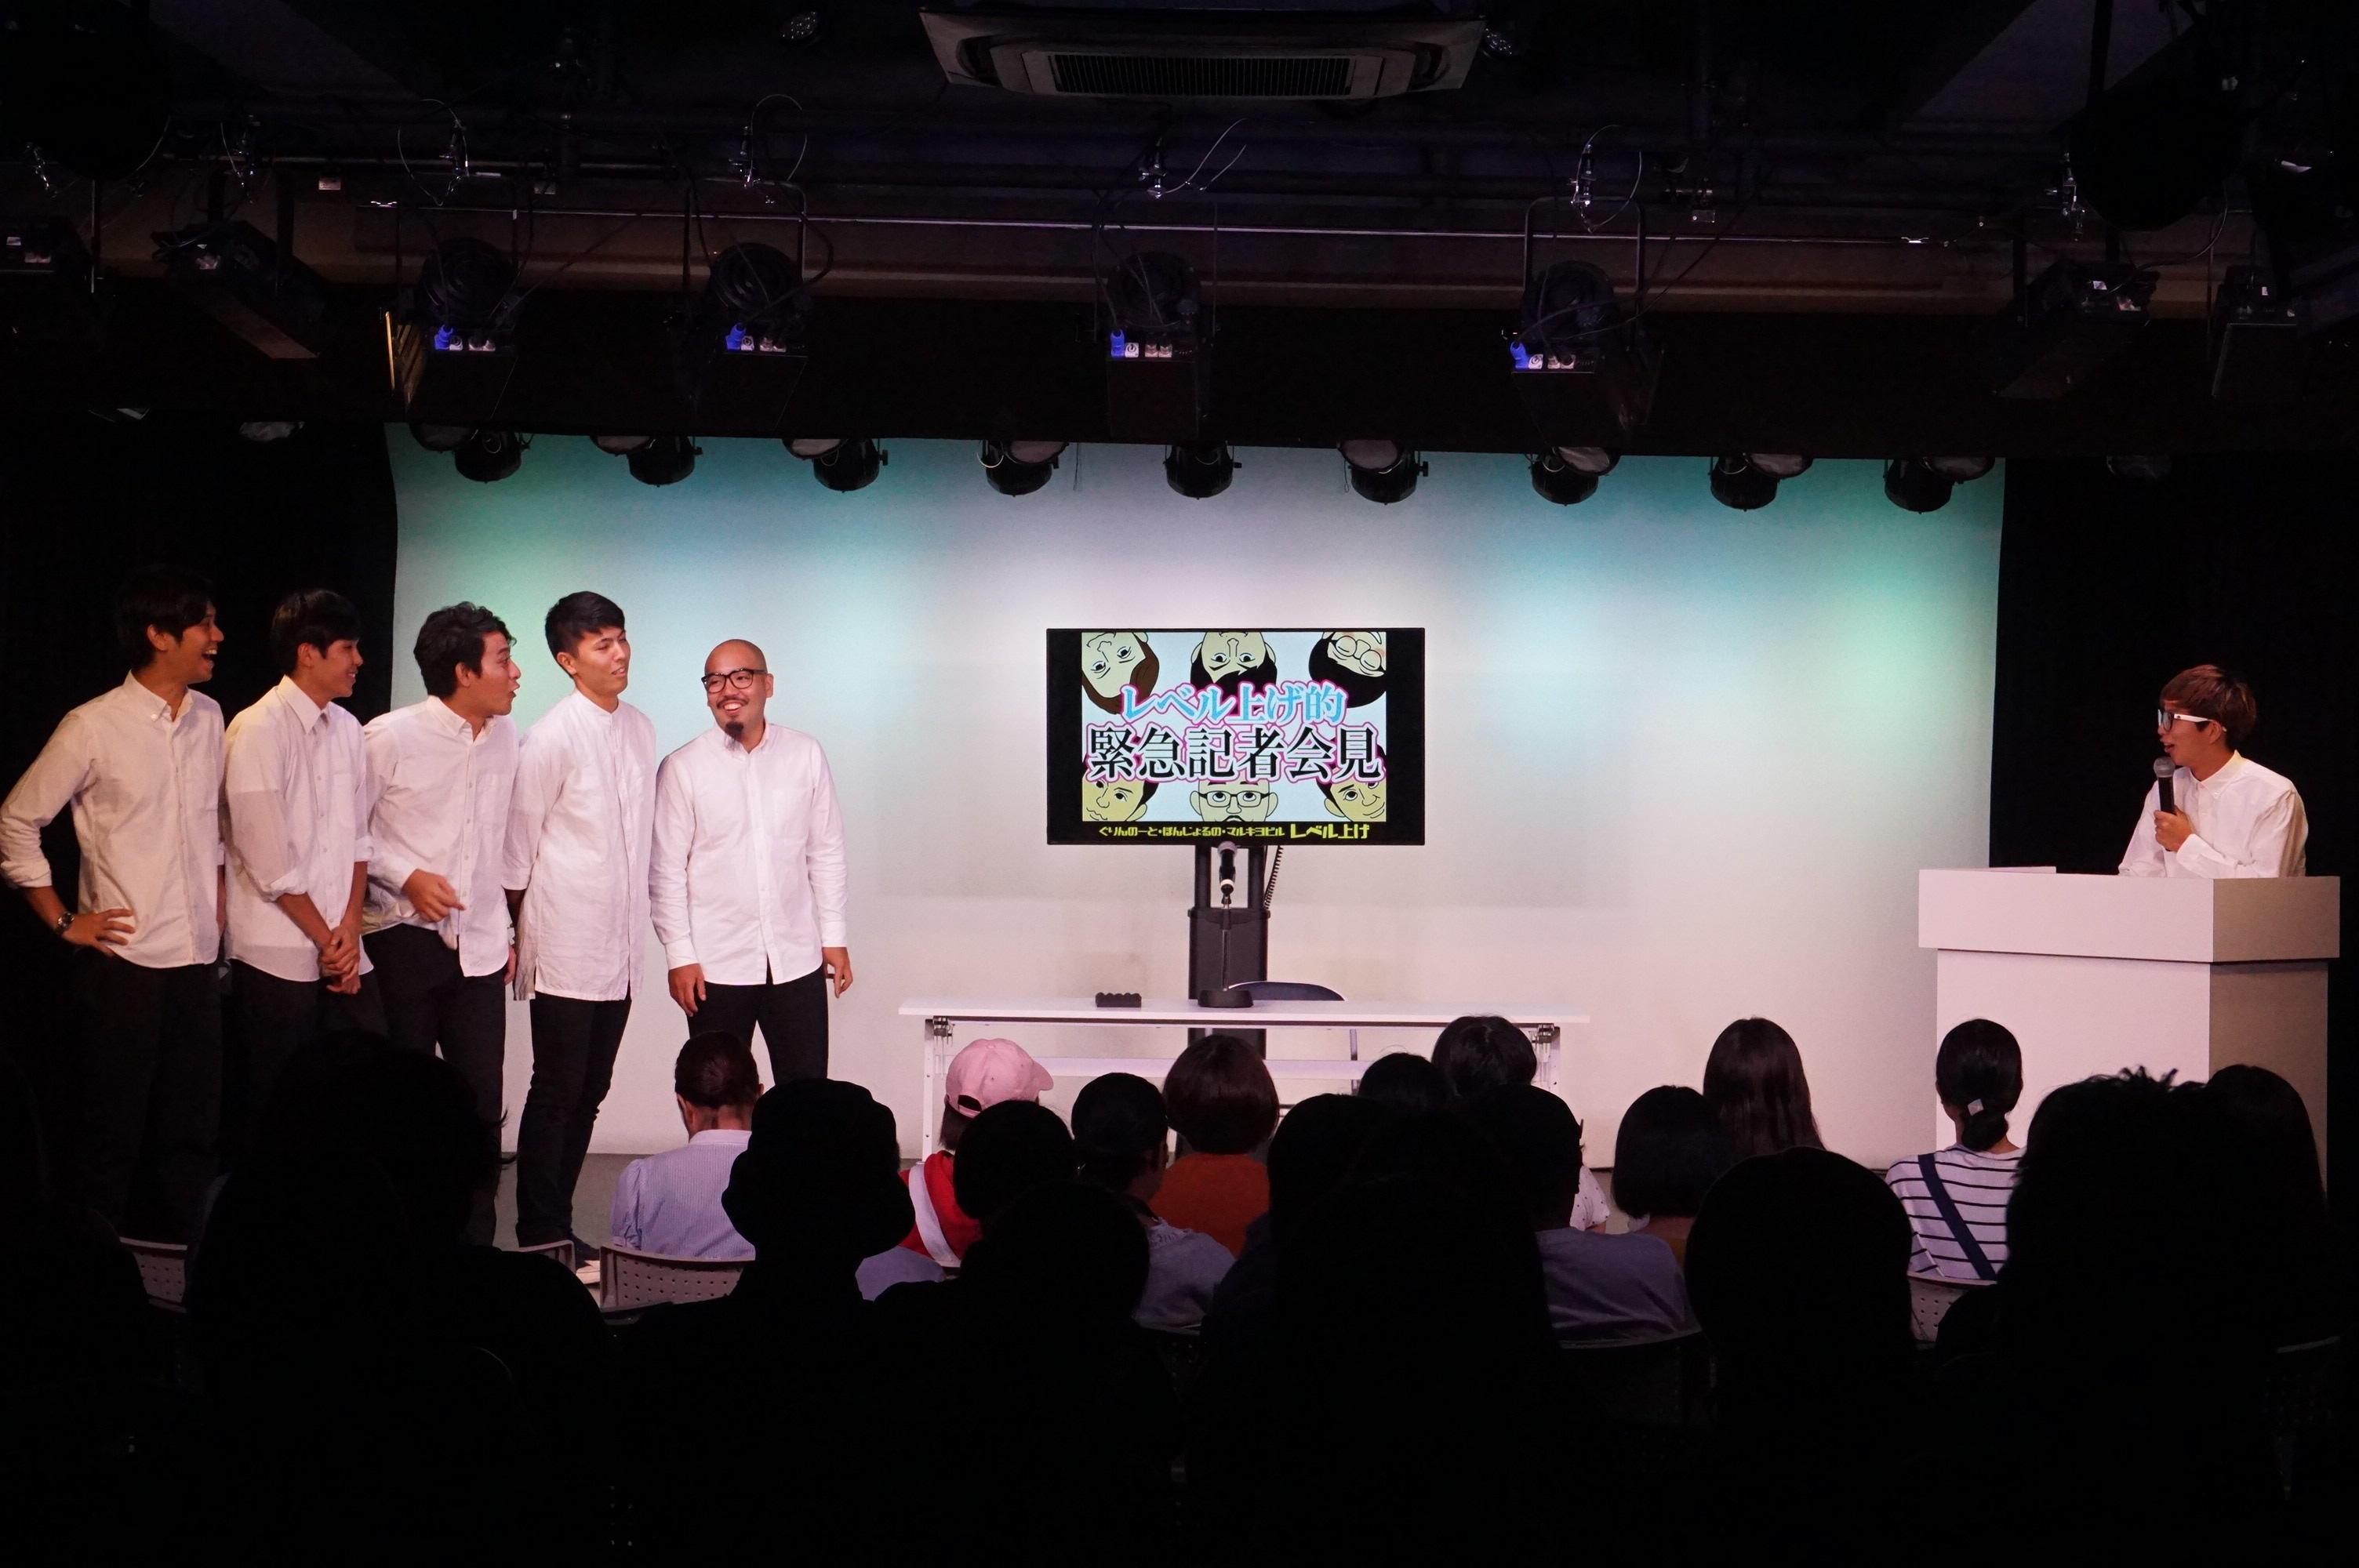 http://news.yoshimoto.co.jp/20180727212738-7c72fab0086dac92e29b459e87a5f05bdea64327.jpg